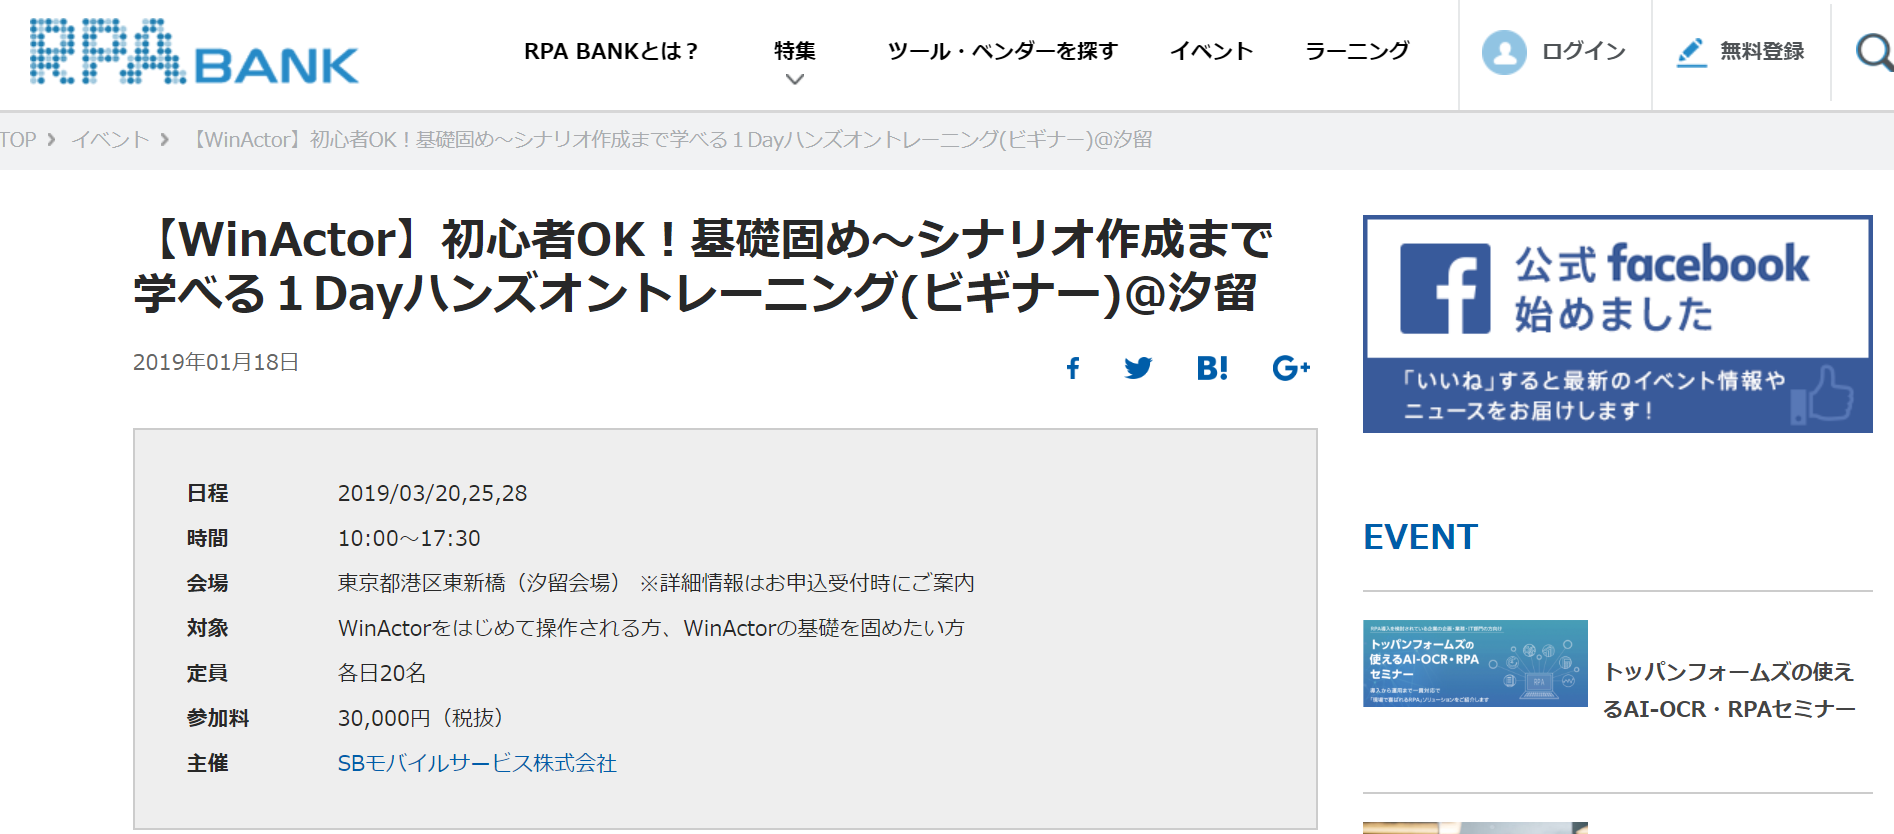 rpaバンク - WinActorのセミナー受講レポート